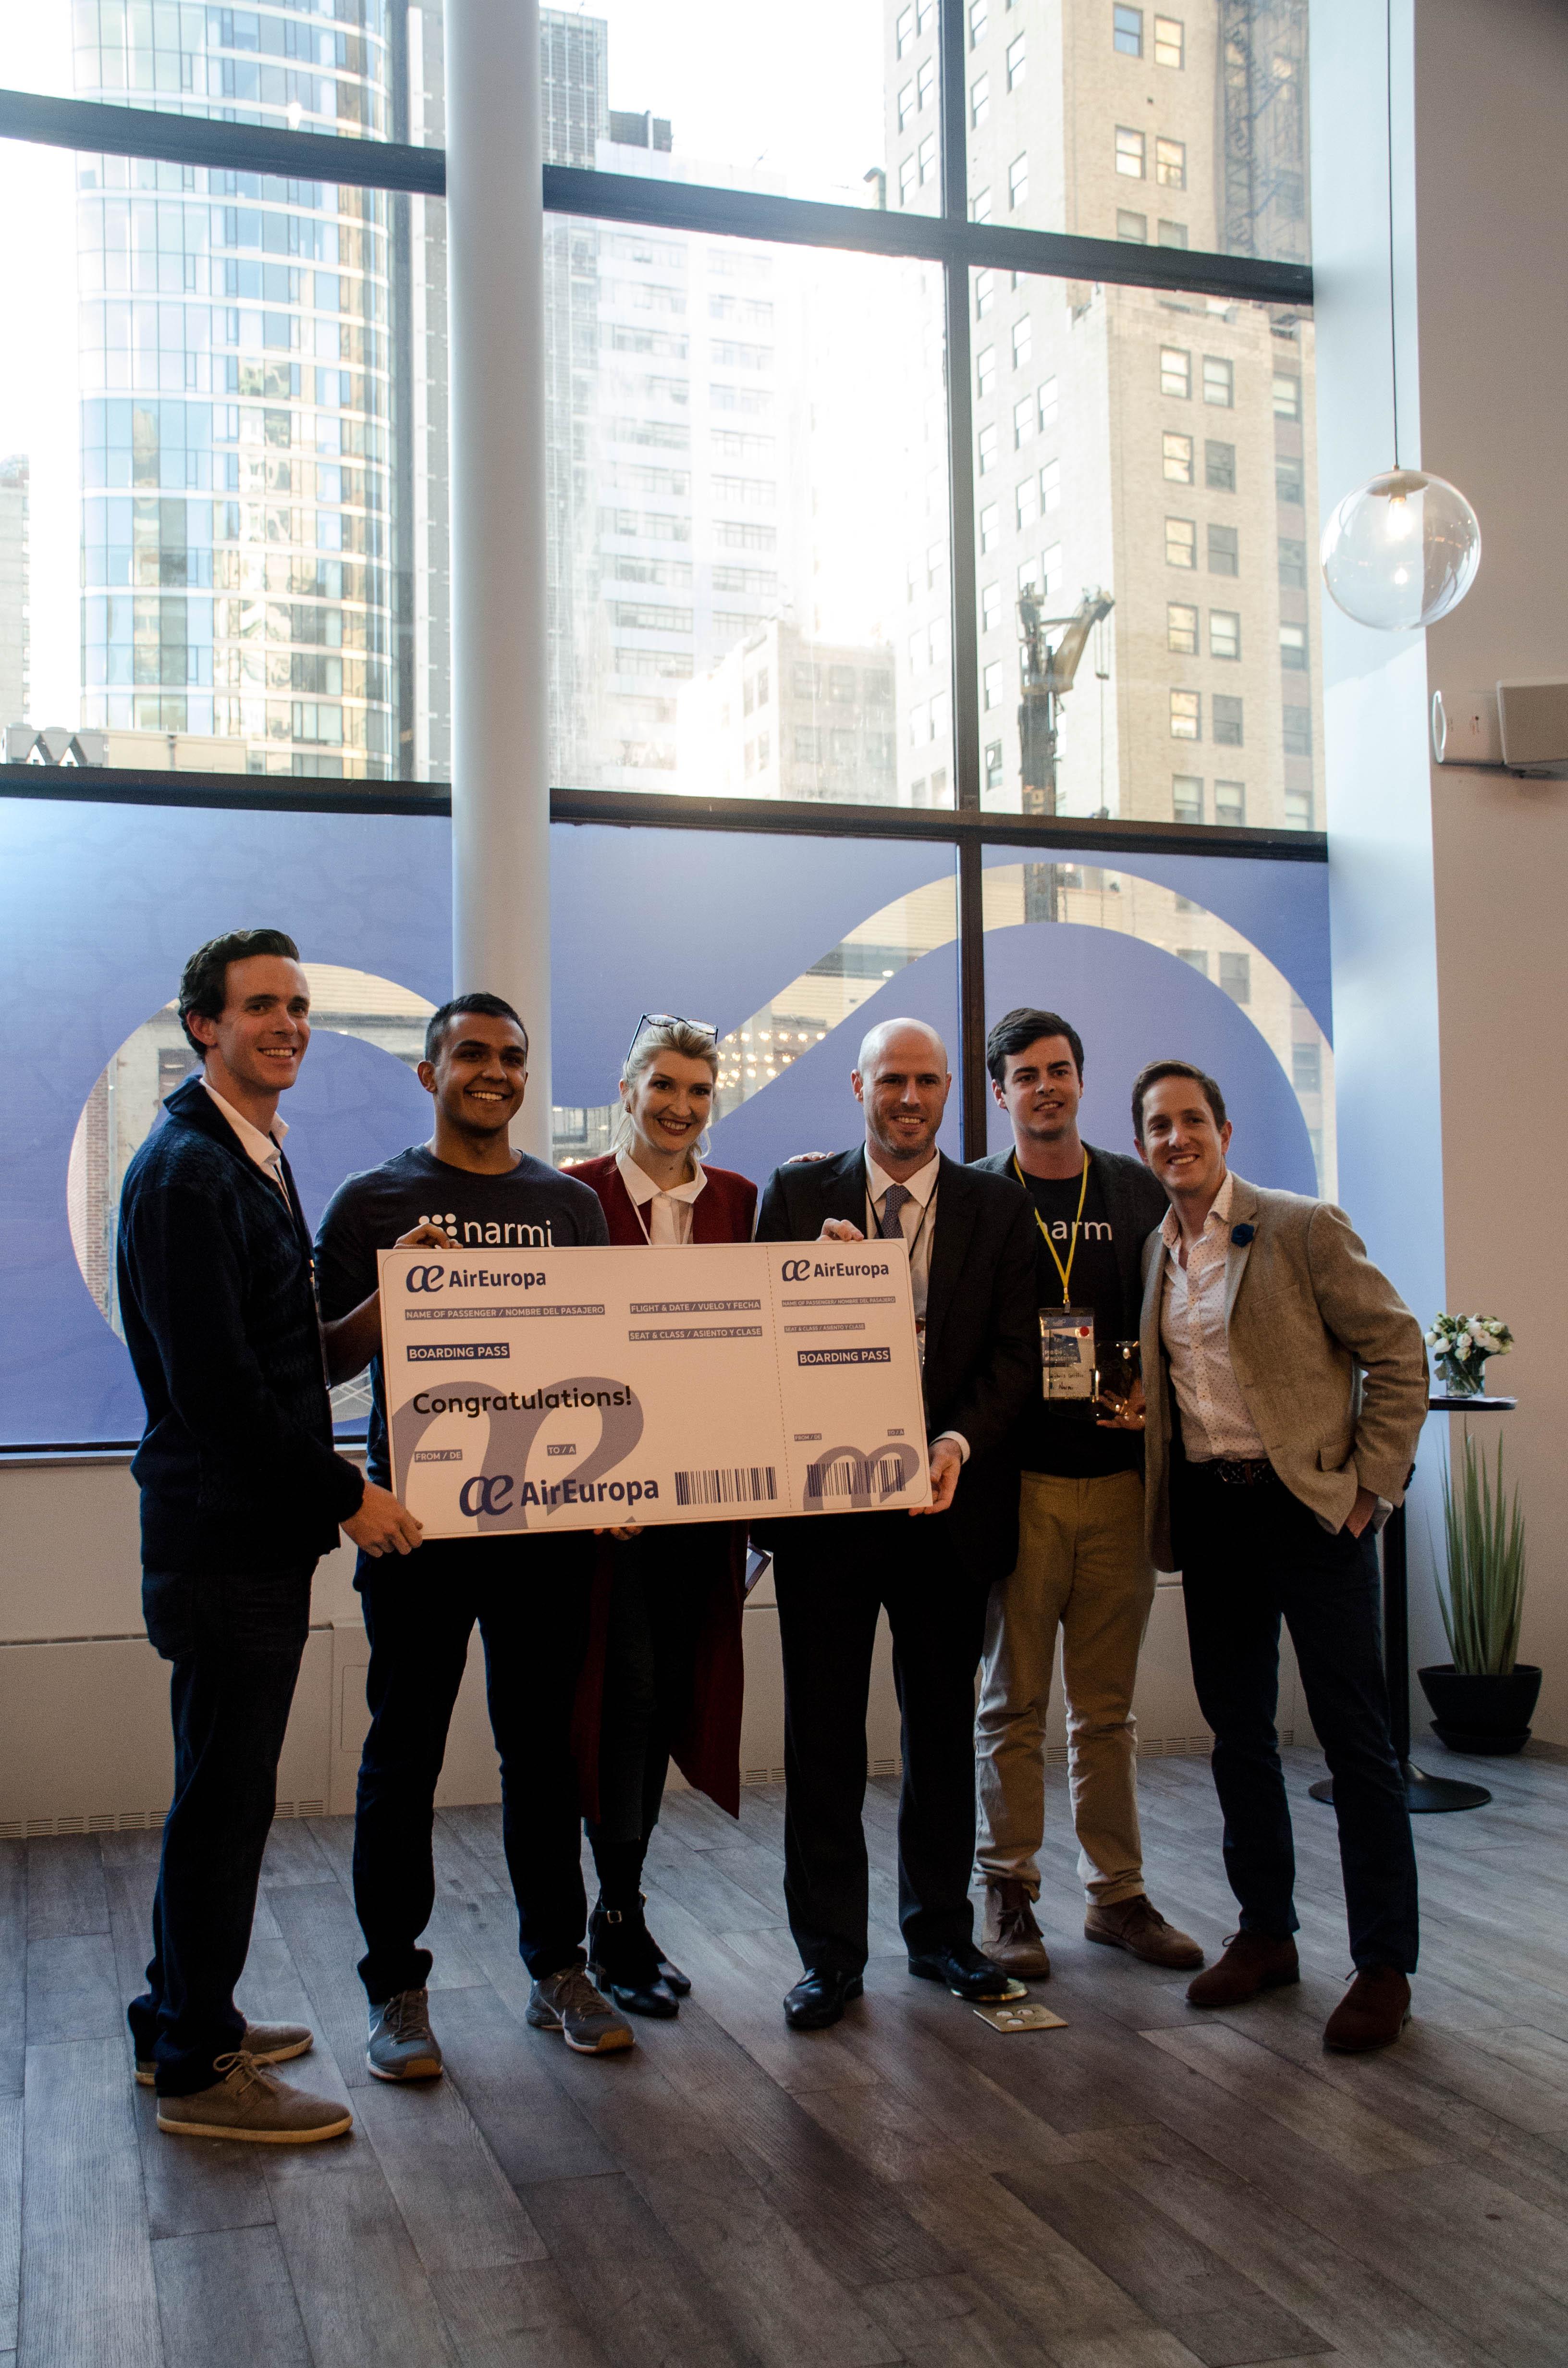 FinTech Venture Day winner Narmi